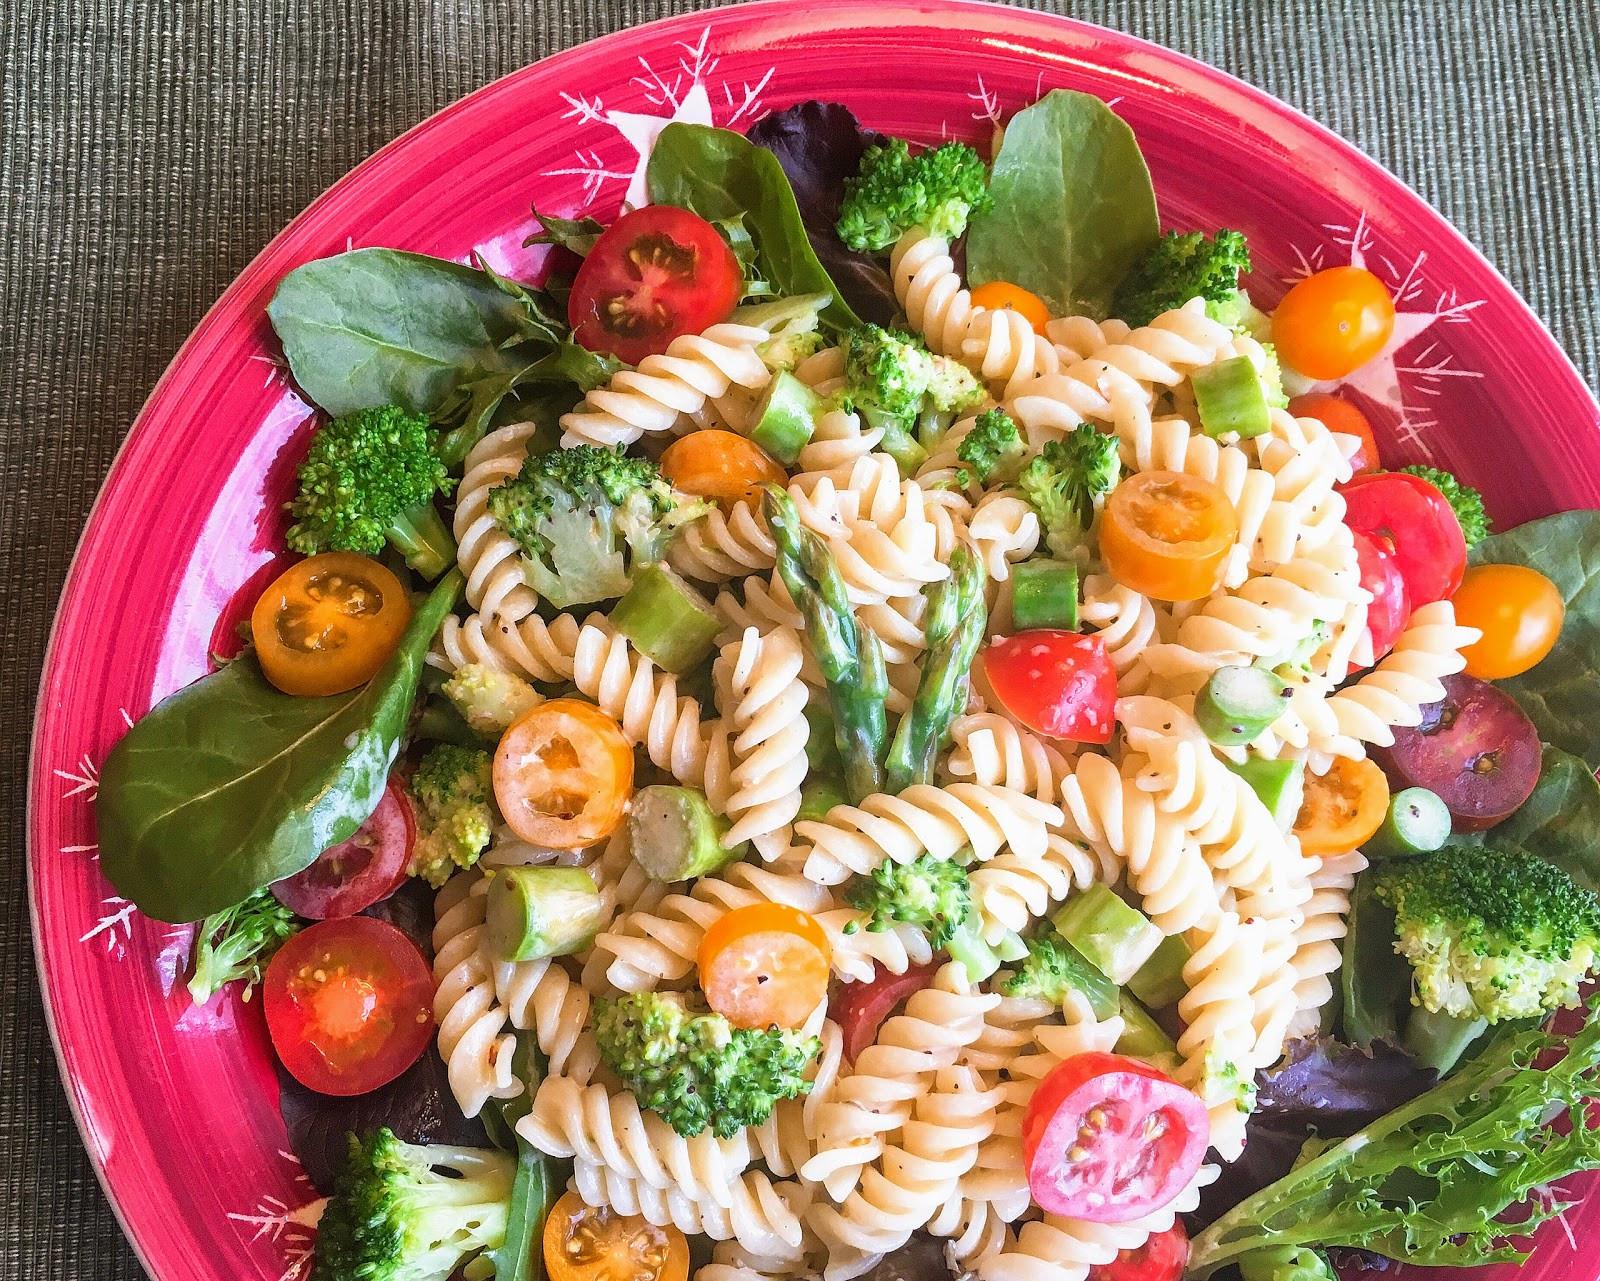 蕃茄青蔬義大利麵沙拉